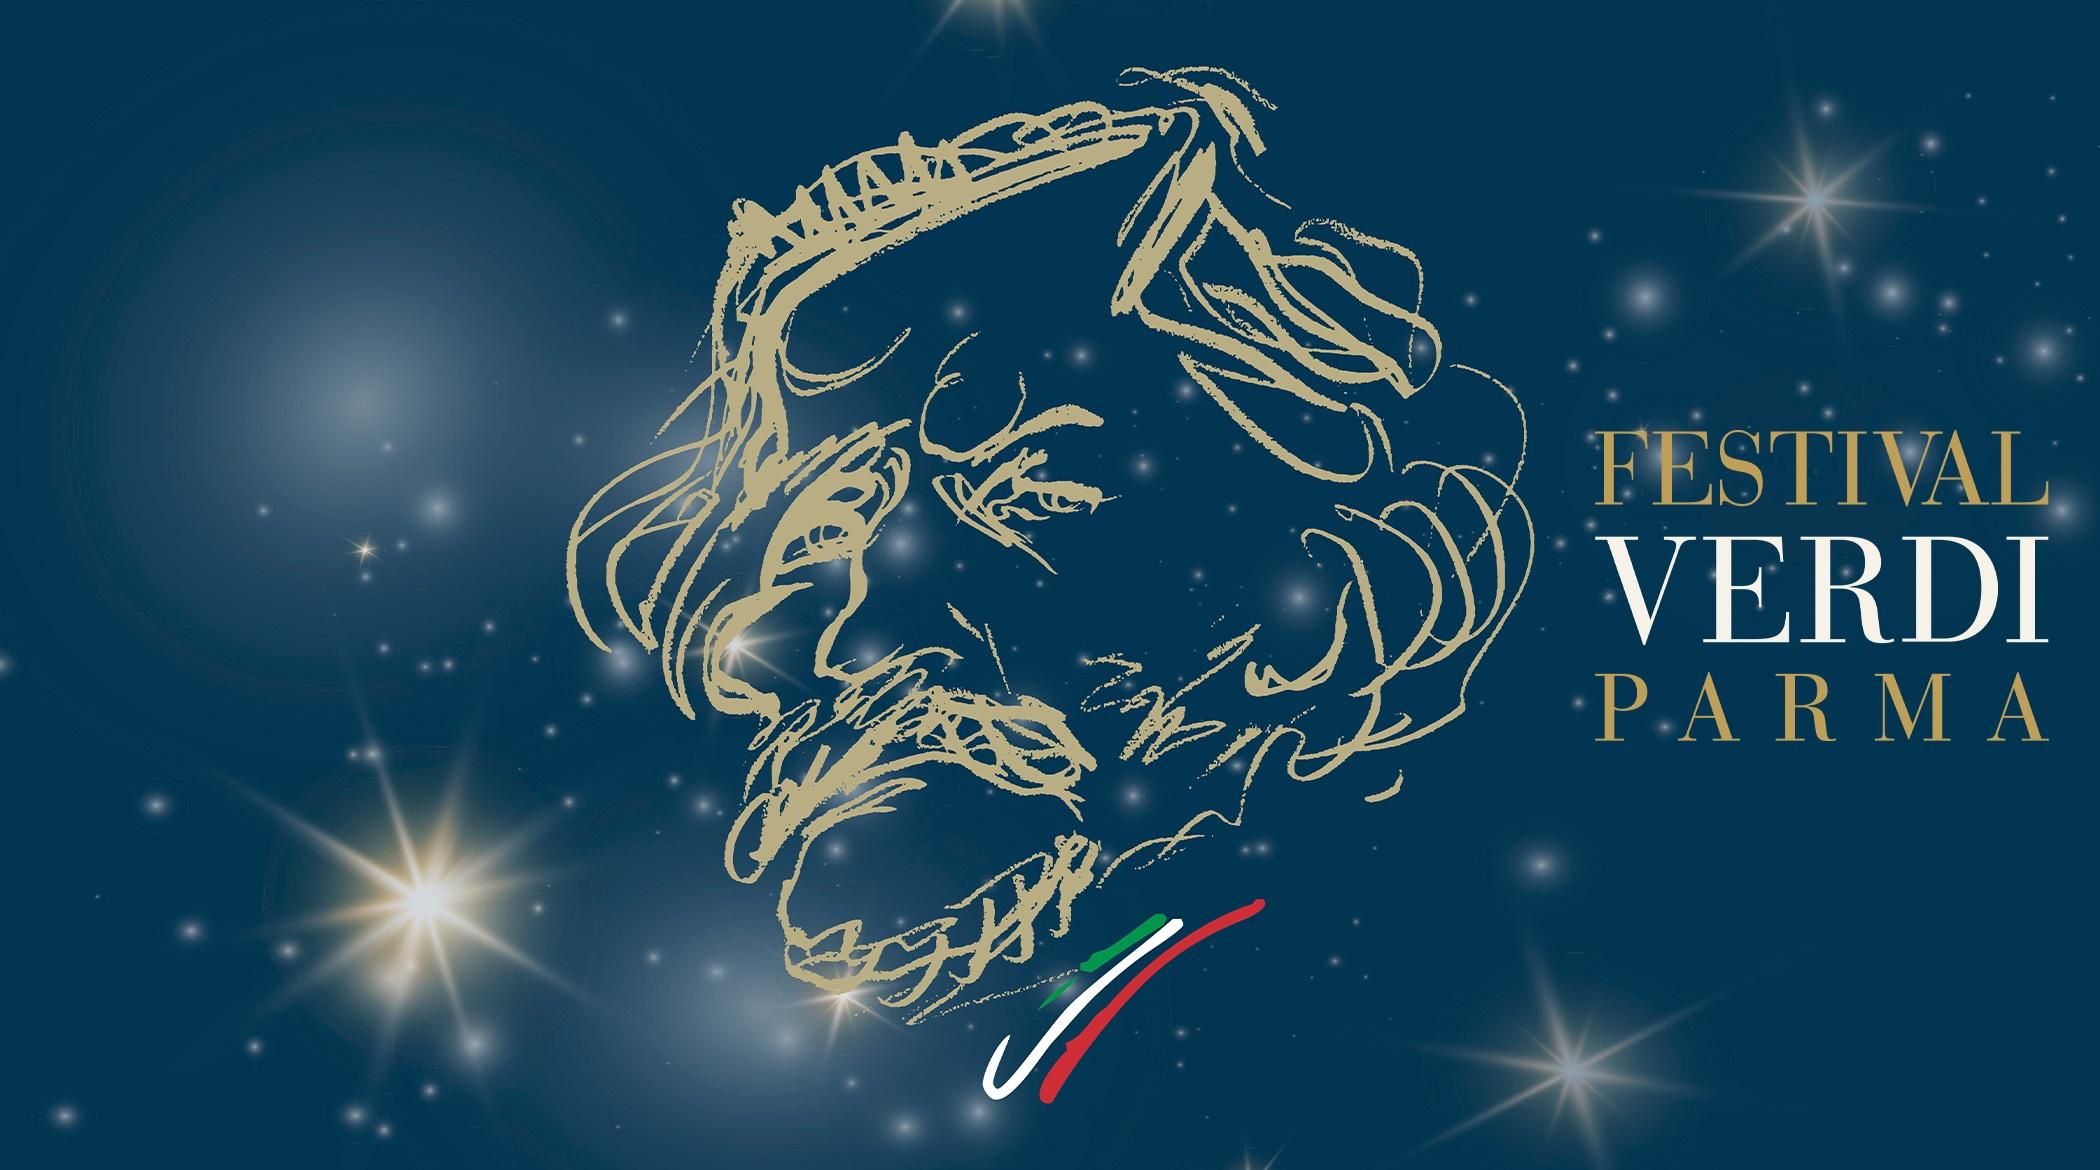 Festival Verdi 2021 Parma; Bussetto; Teatro Regio Parma